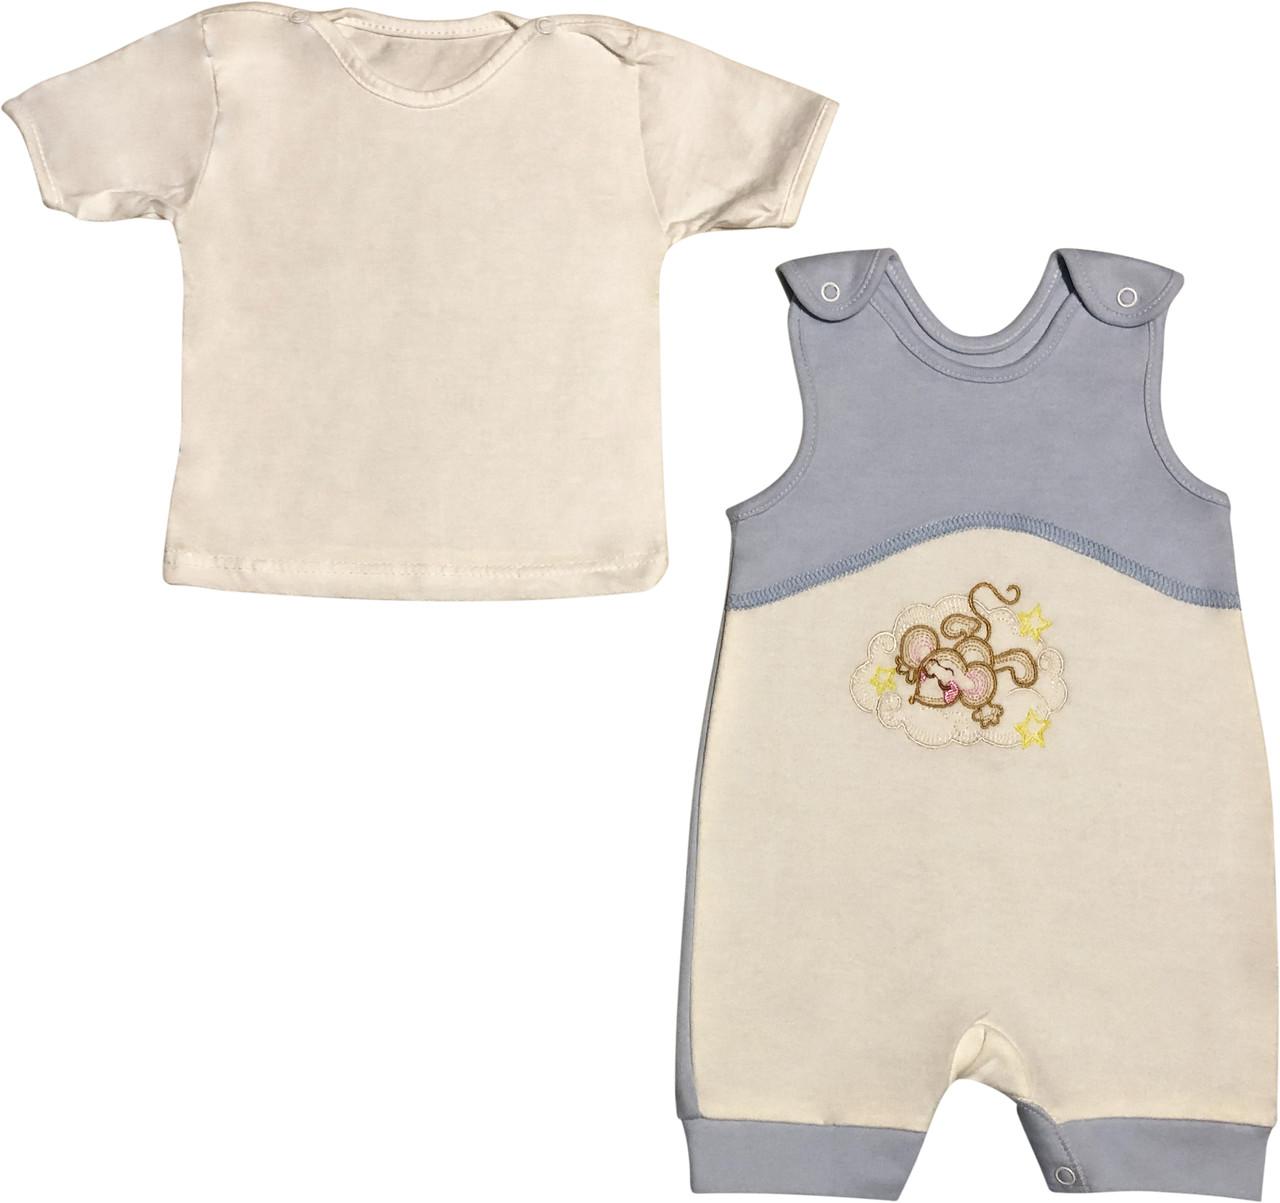 Летний костюм на мальчика рост 62 2-3 мес для новорожденных малышей комплект детский трикотажный лето голубой